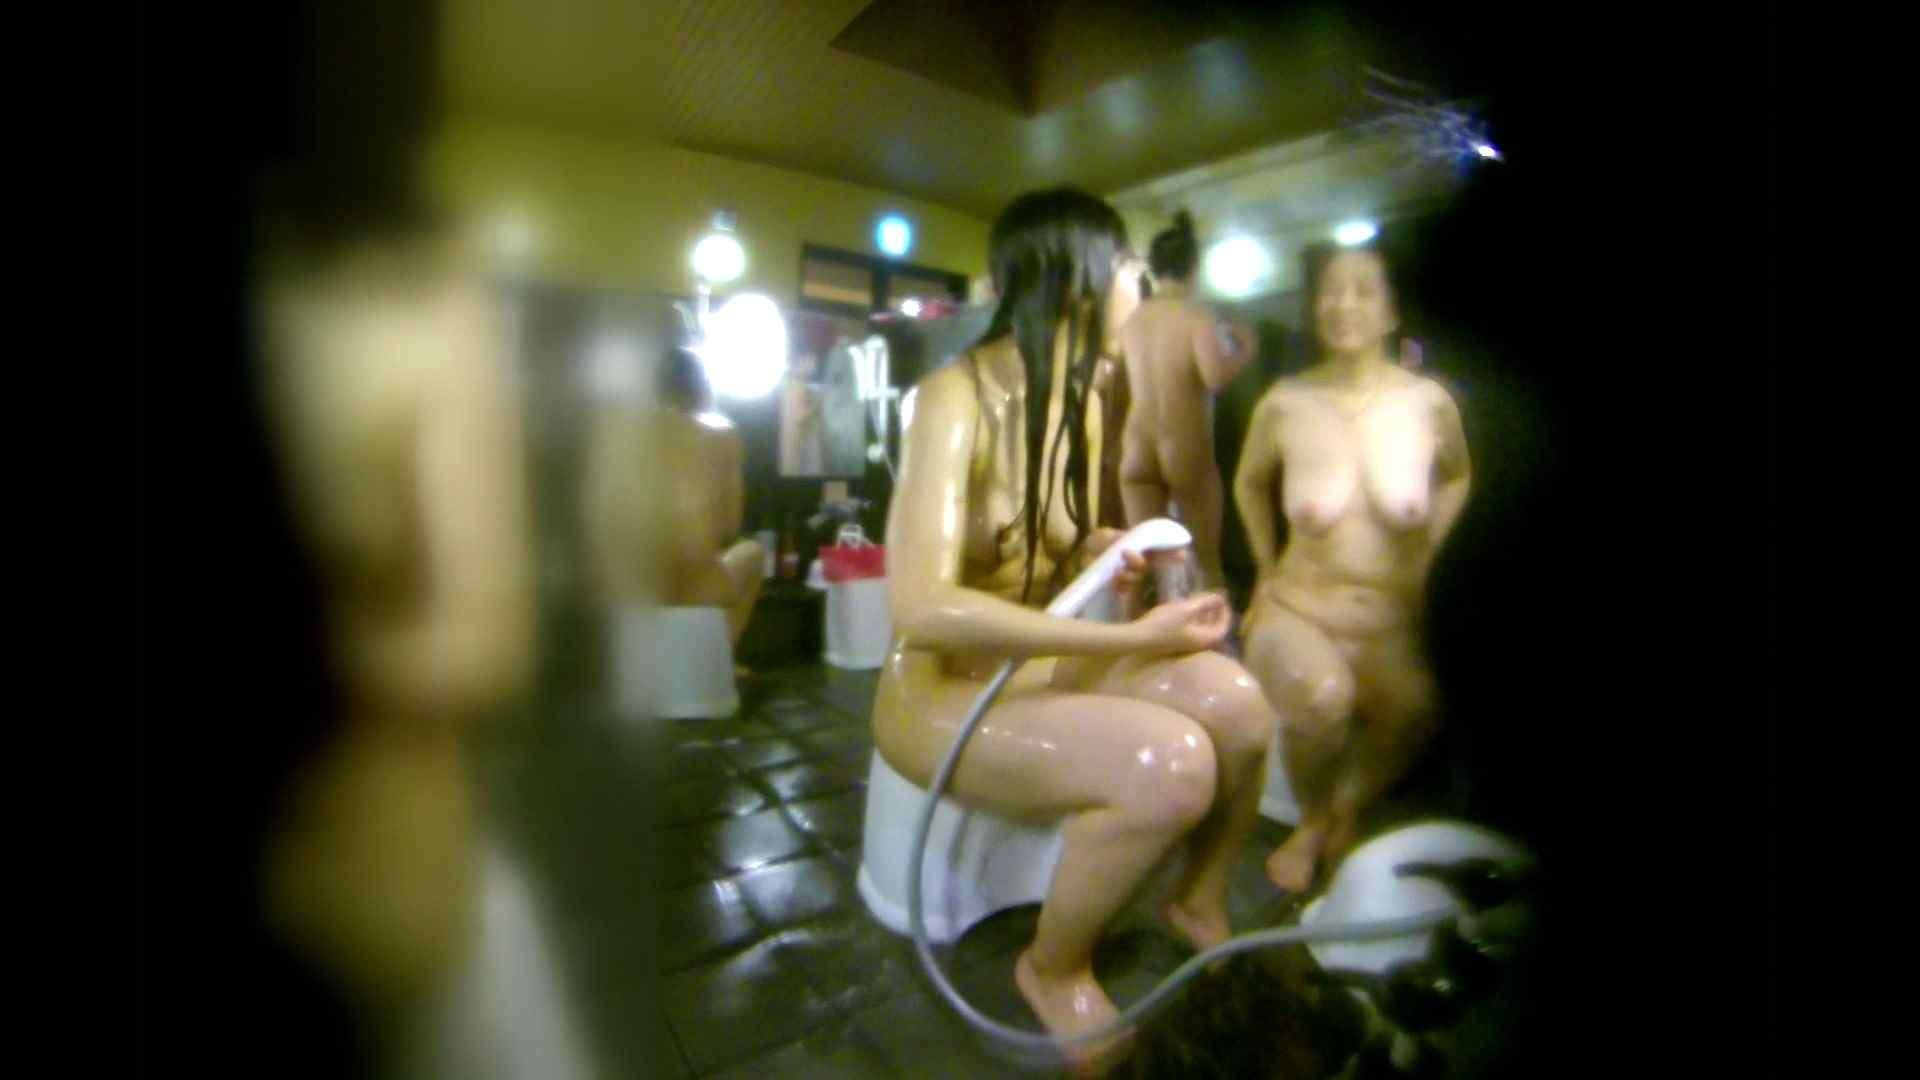 洗い場!右足の位置がいいですね。陰毛もっさり! 美乳 おまんこ動画流出 74画像 54